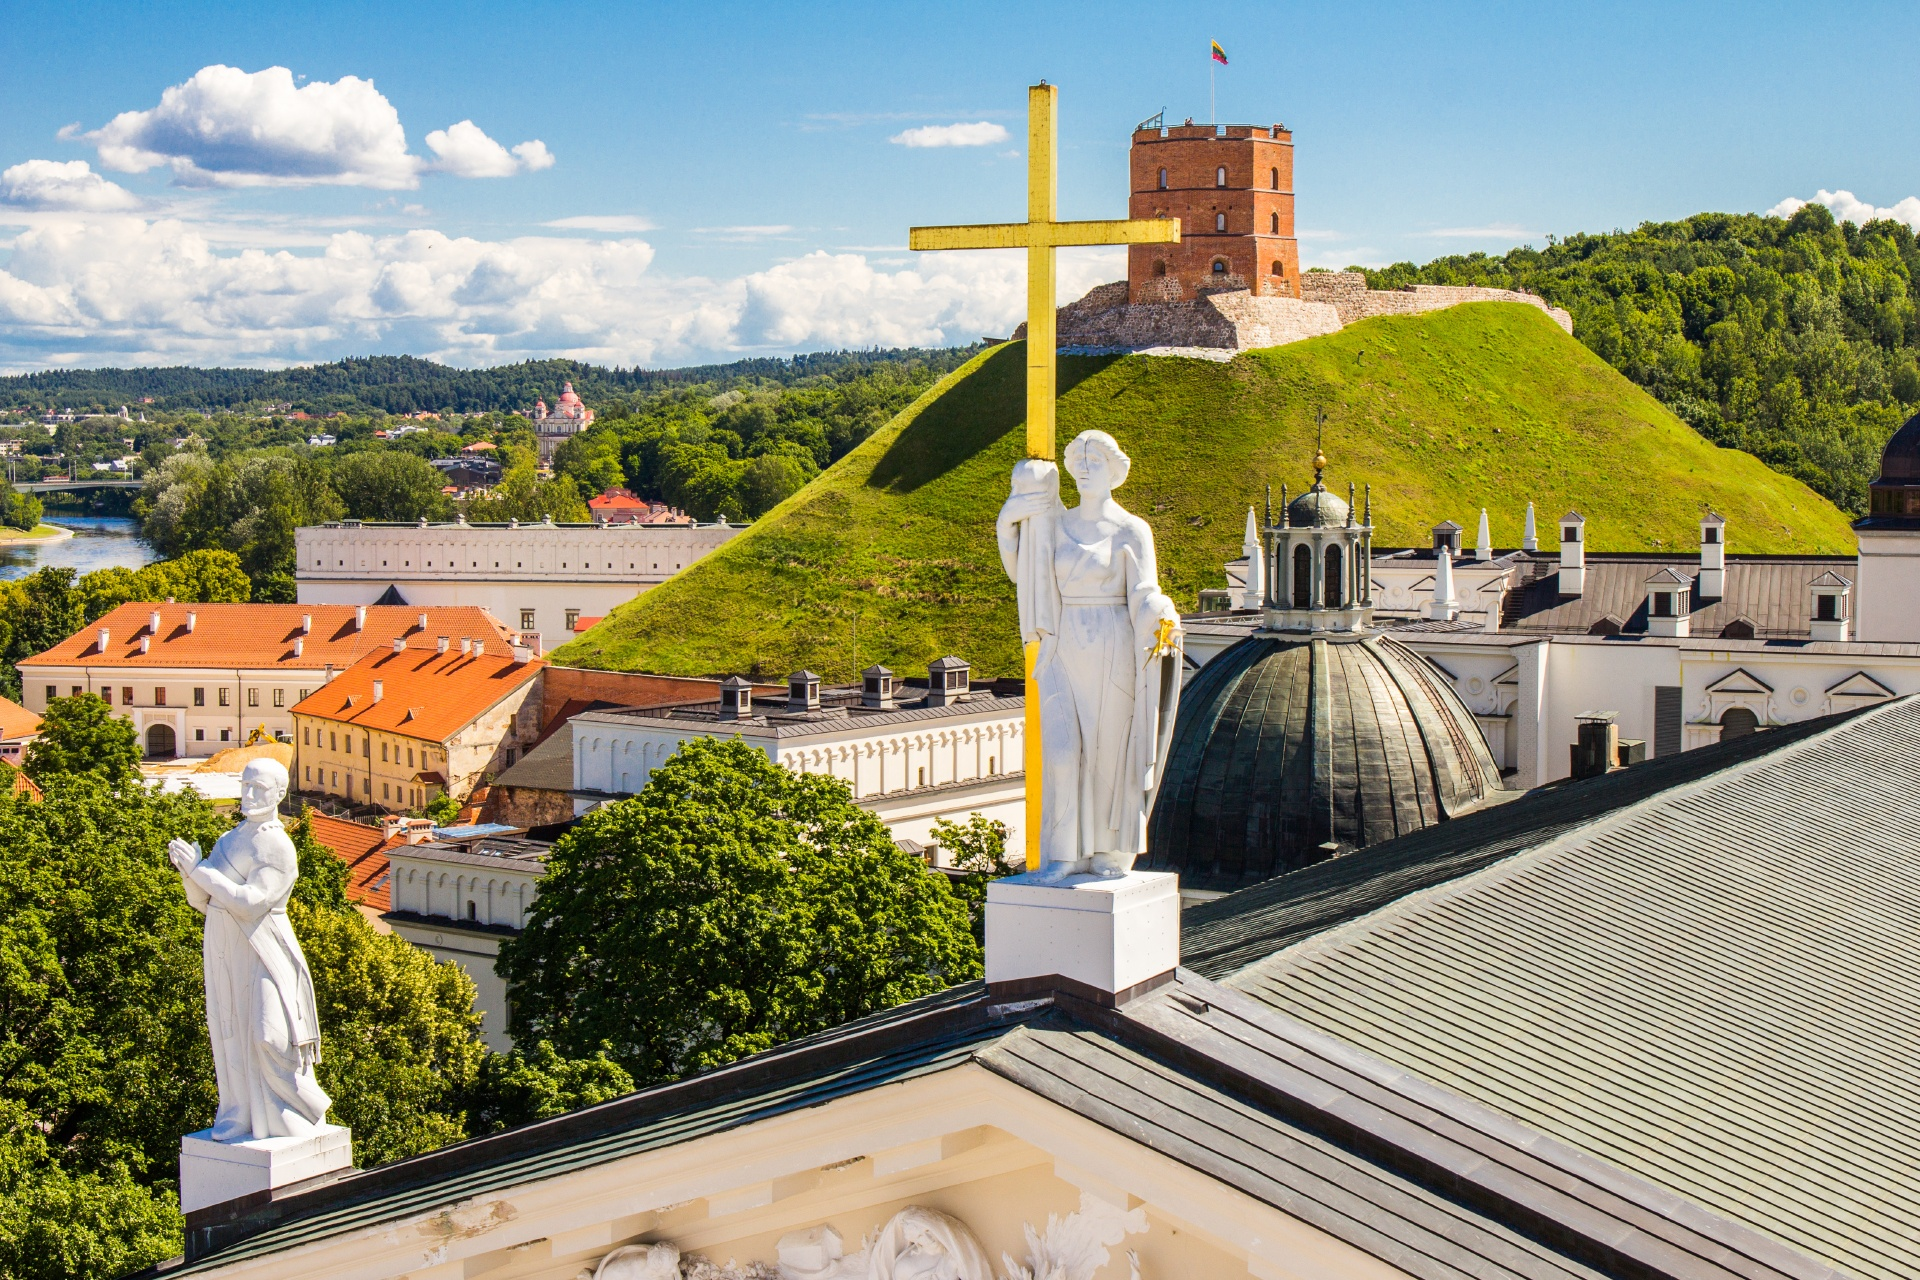 ゲディミナス塔とヴィリニュスの旧市街の風景 リトアニアの風景